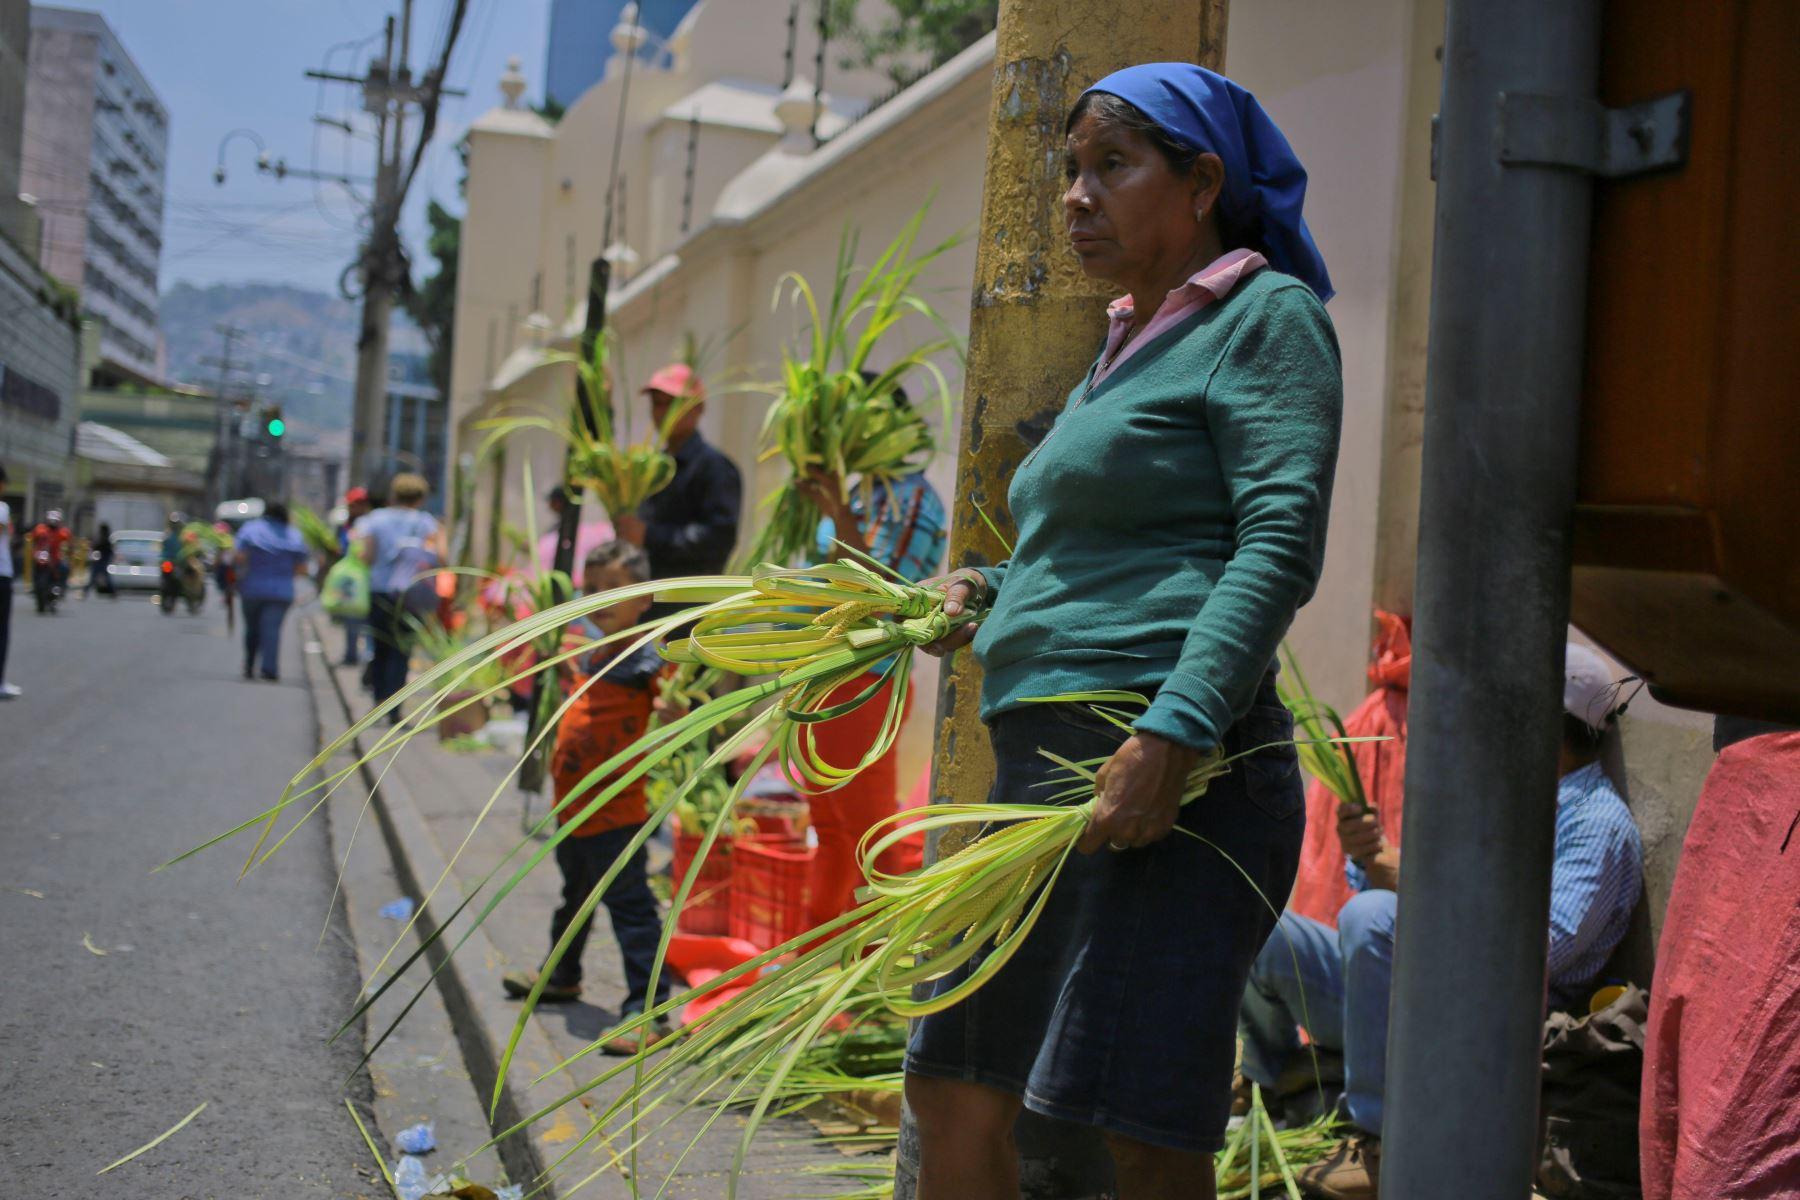 Campesinos venden ramos de palma para el tradicional Domingo de Ramos de la Semana Santa e en la Plaza Central de Tegucigalpa - Honduras.Foto:EFE